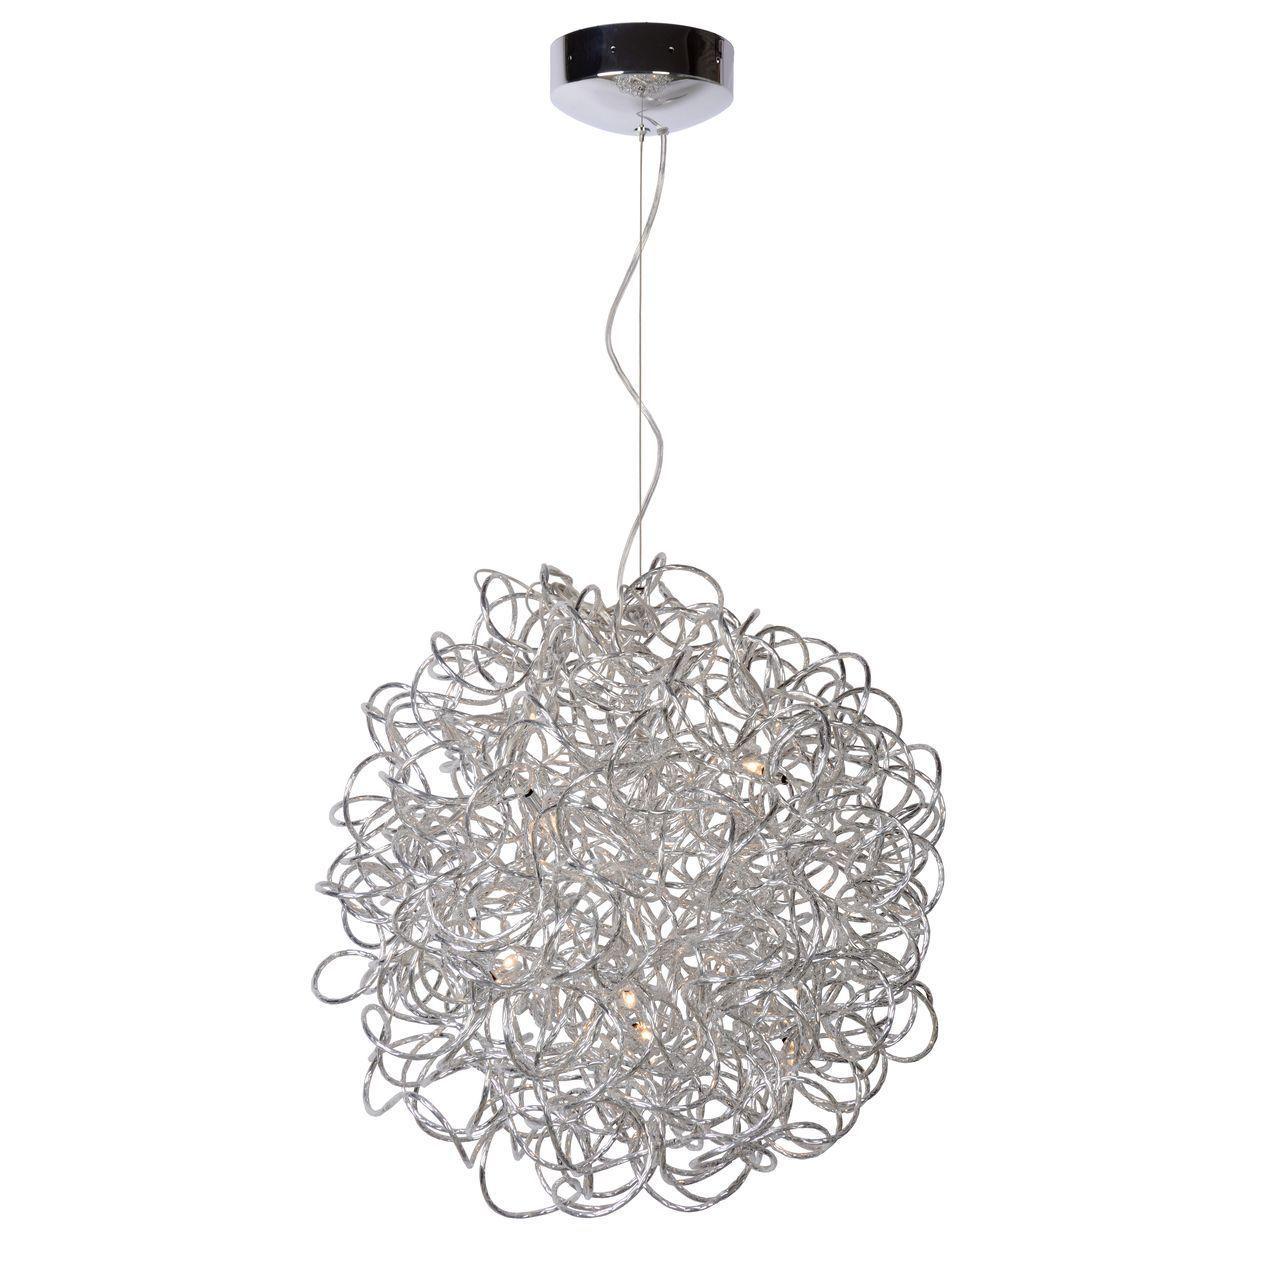 Купить Подвесной светодиодный светильник Lucide Galileo-Led АВ в интернет магазине дизайнерской мебели и аксессуаров для дома и дачи